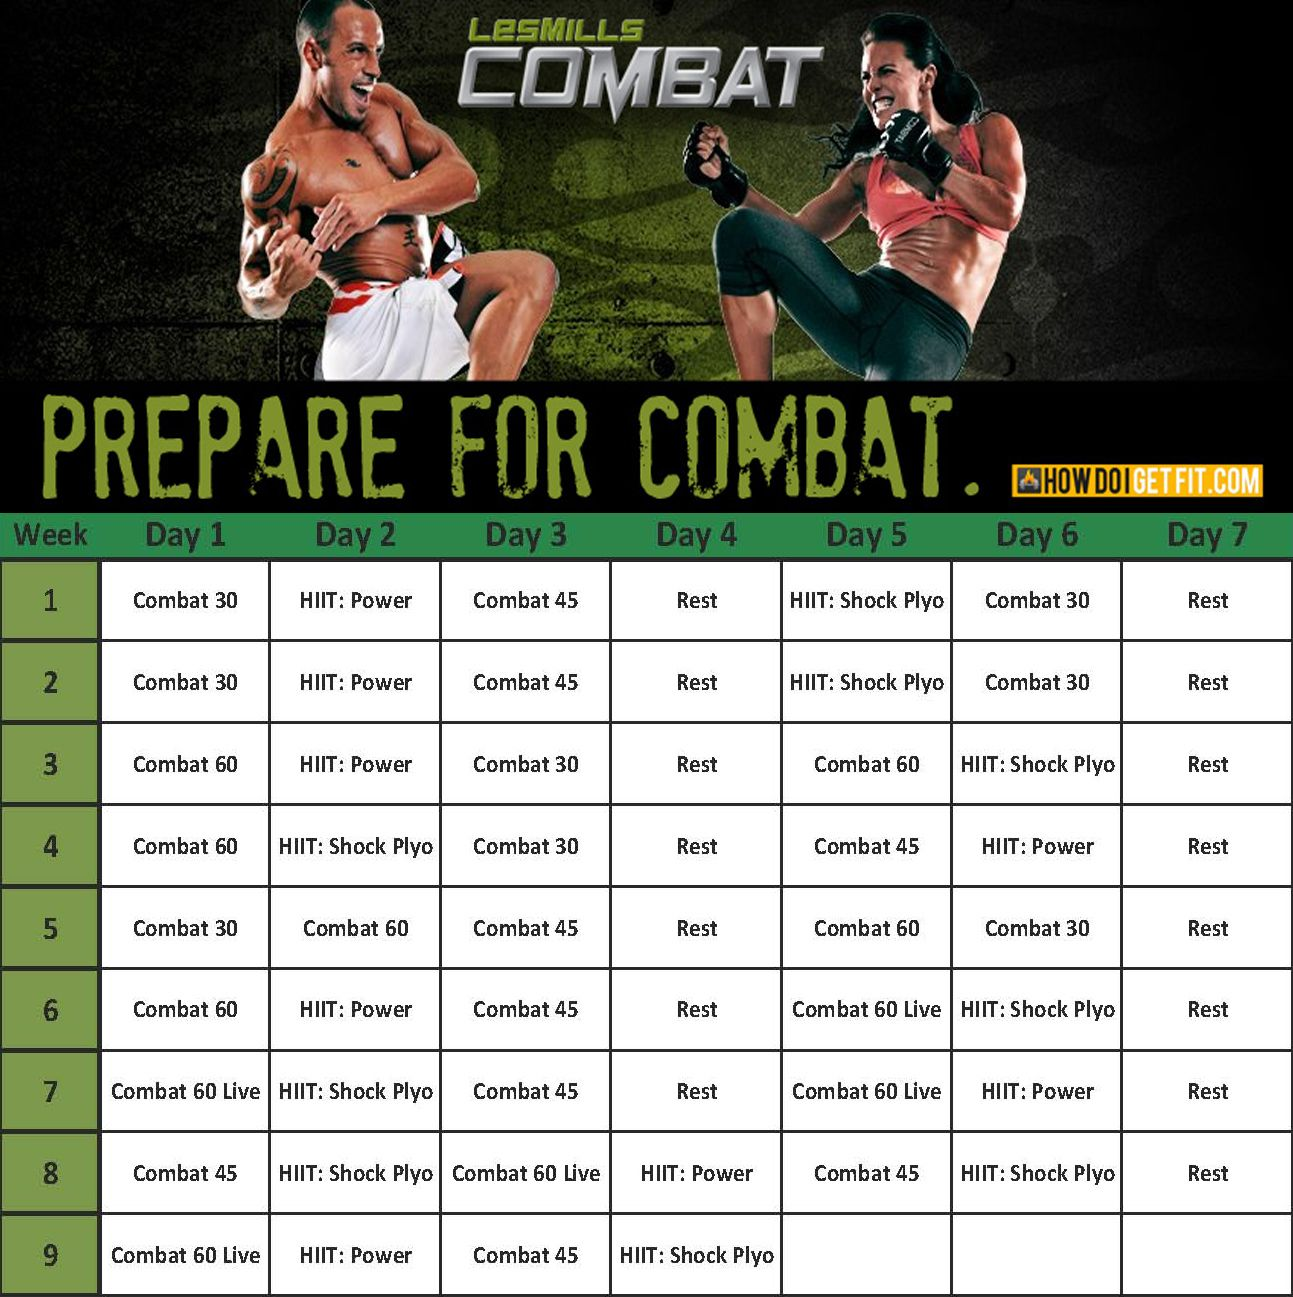 Les Mills Combat Calendar